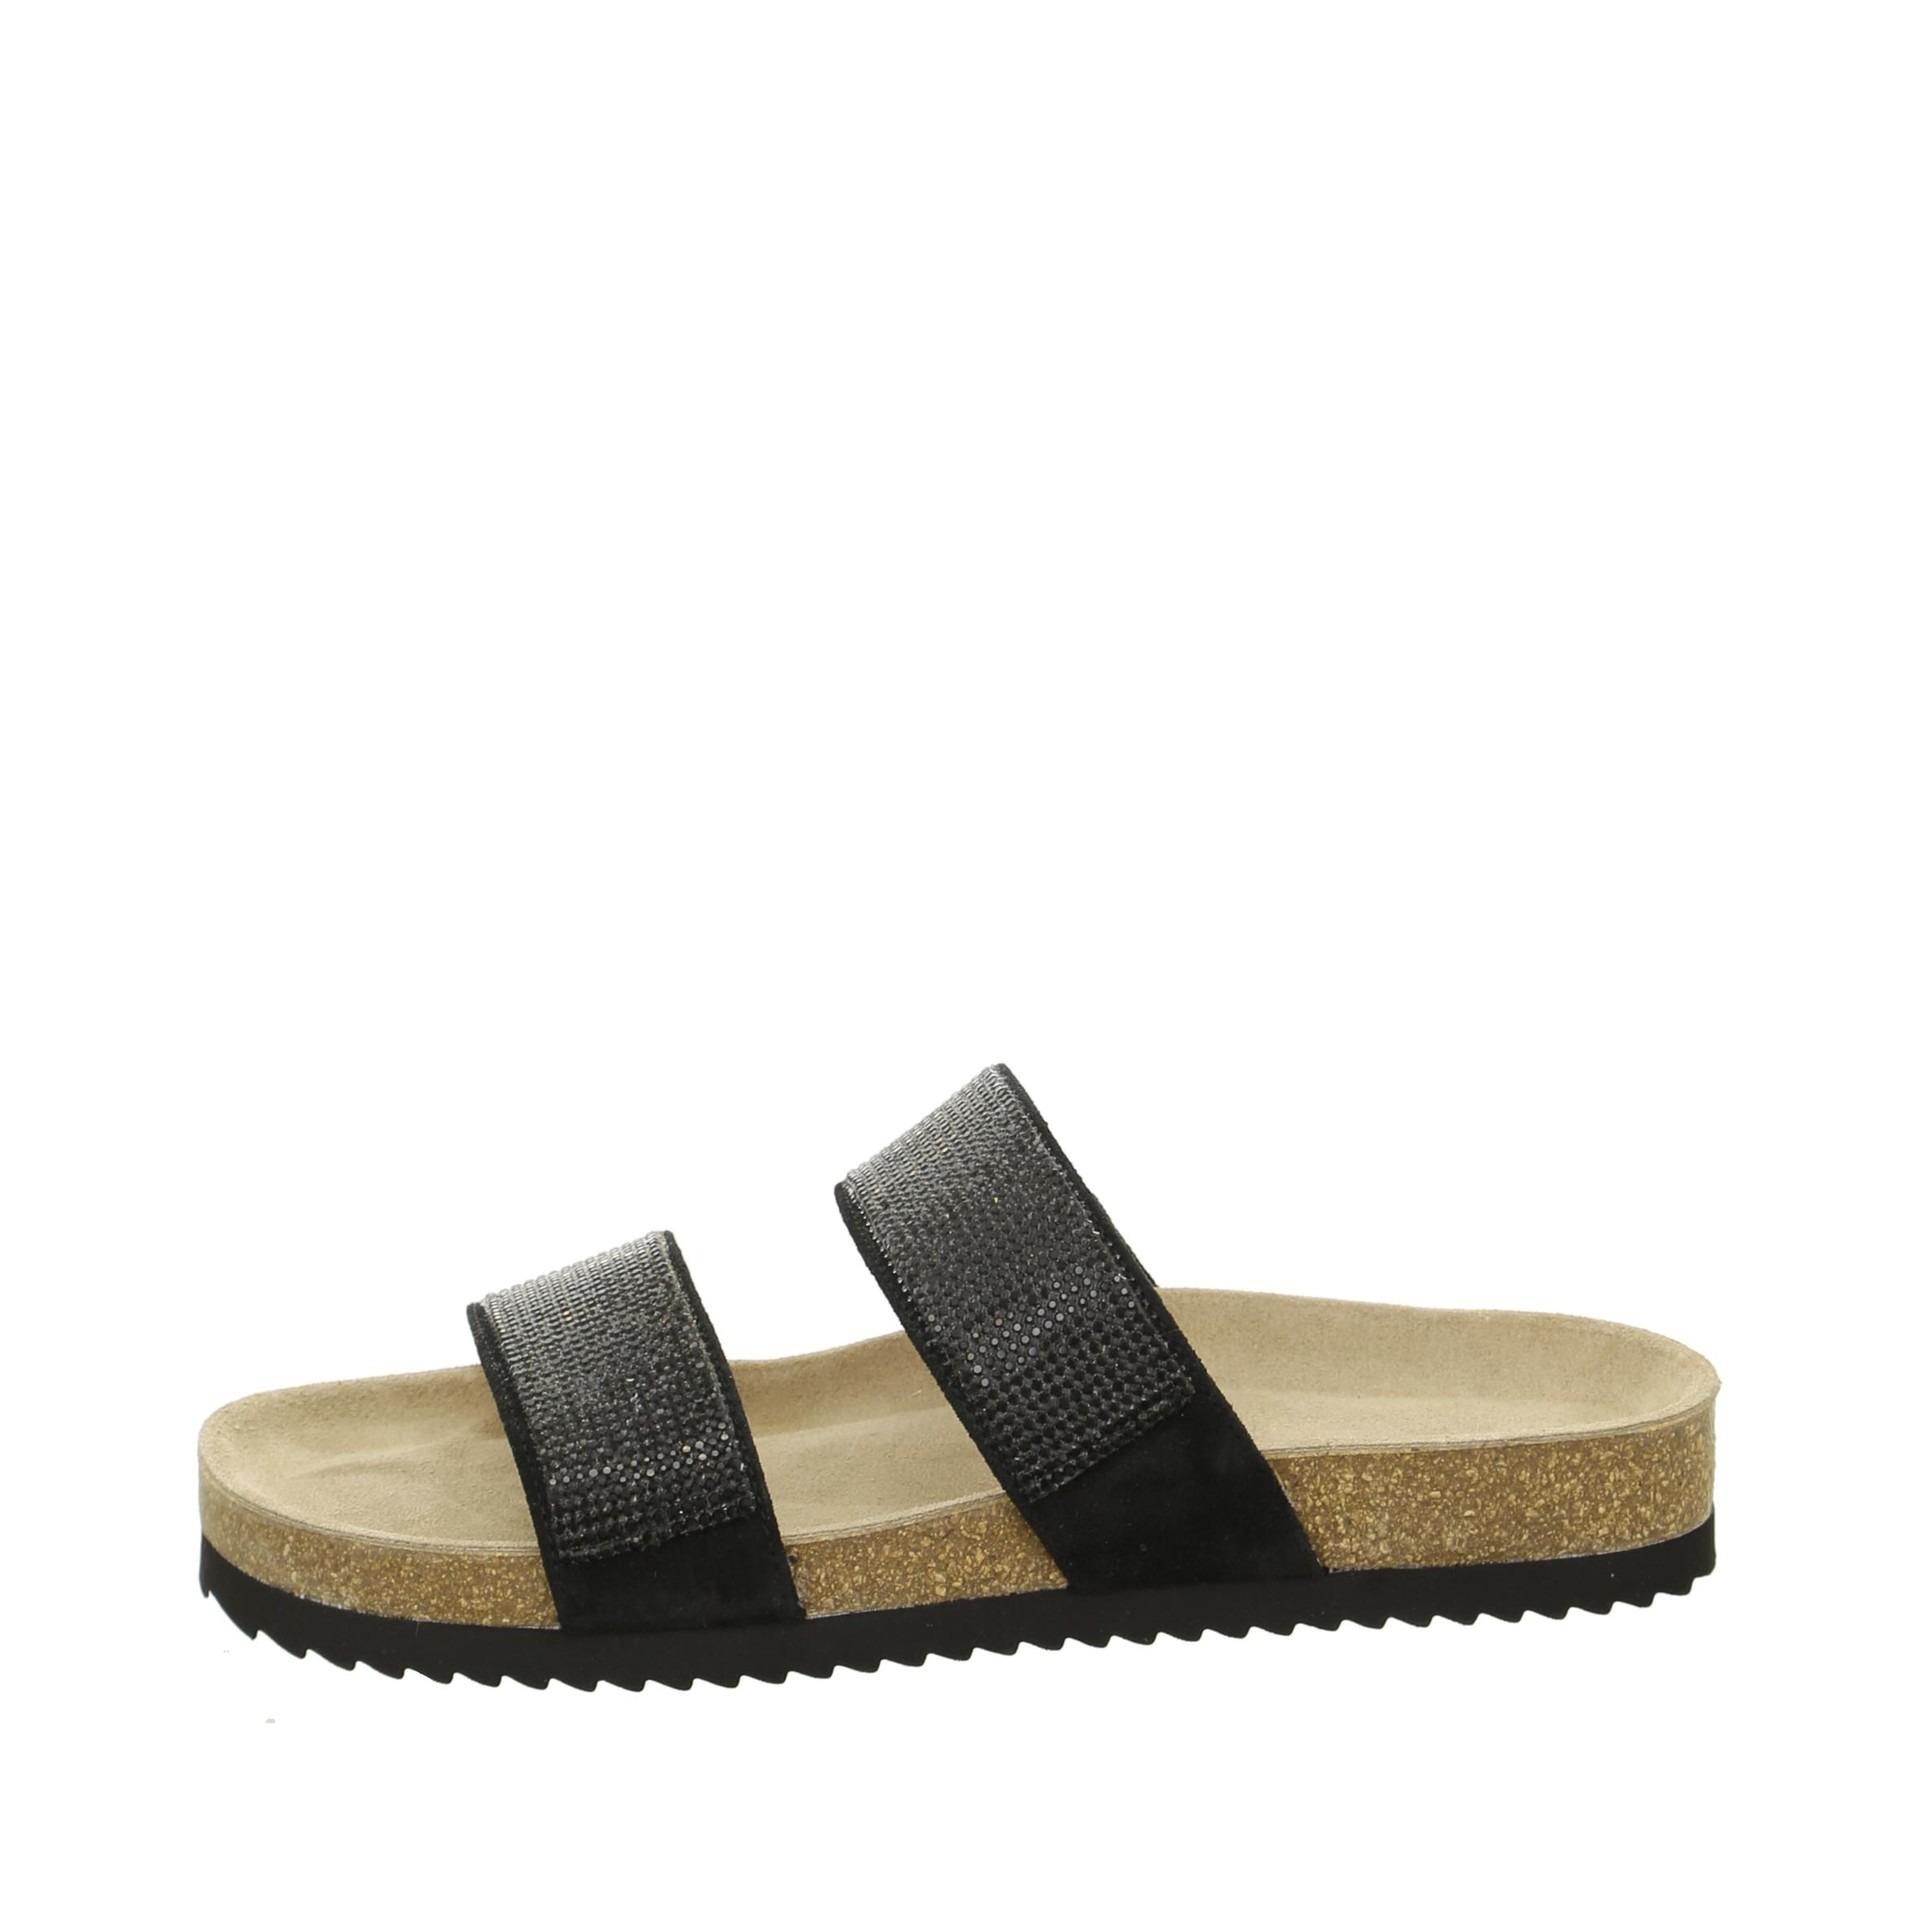 Soňa - Dámska obuv - Šľapky - Čierne dámske šľapky 2da576bd85